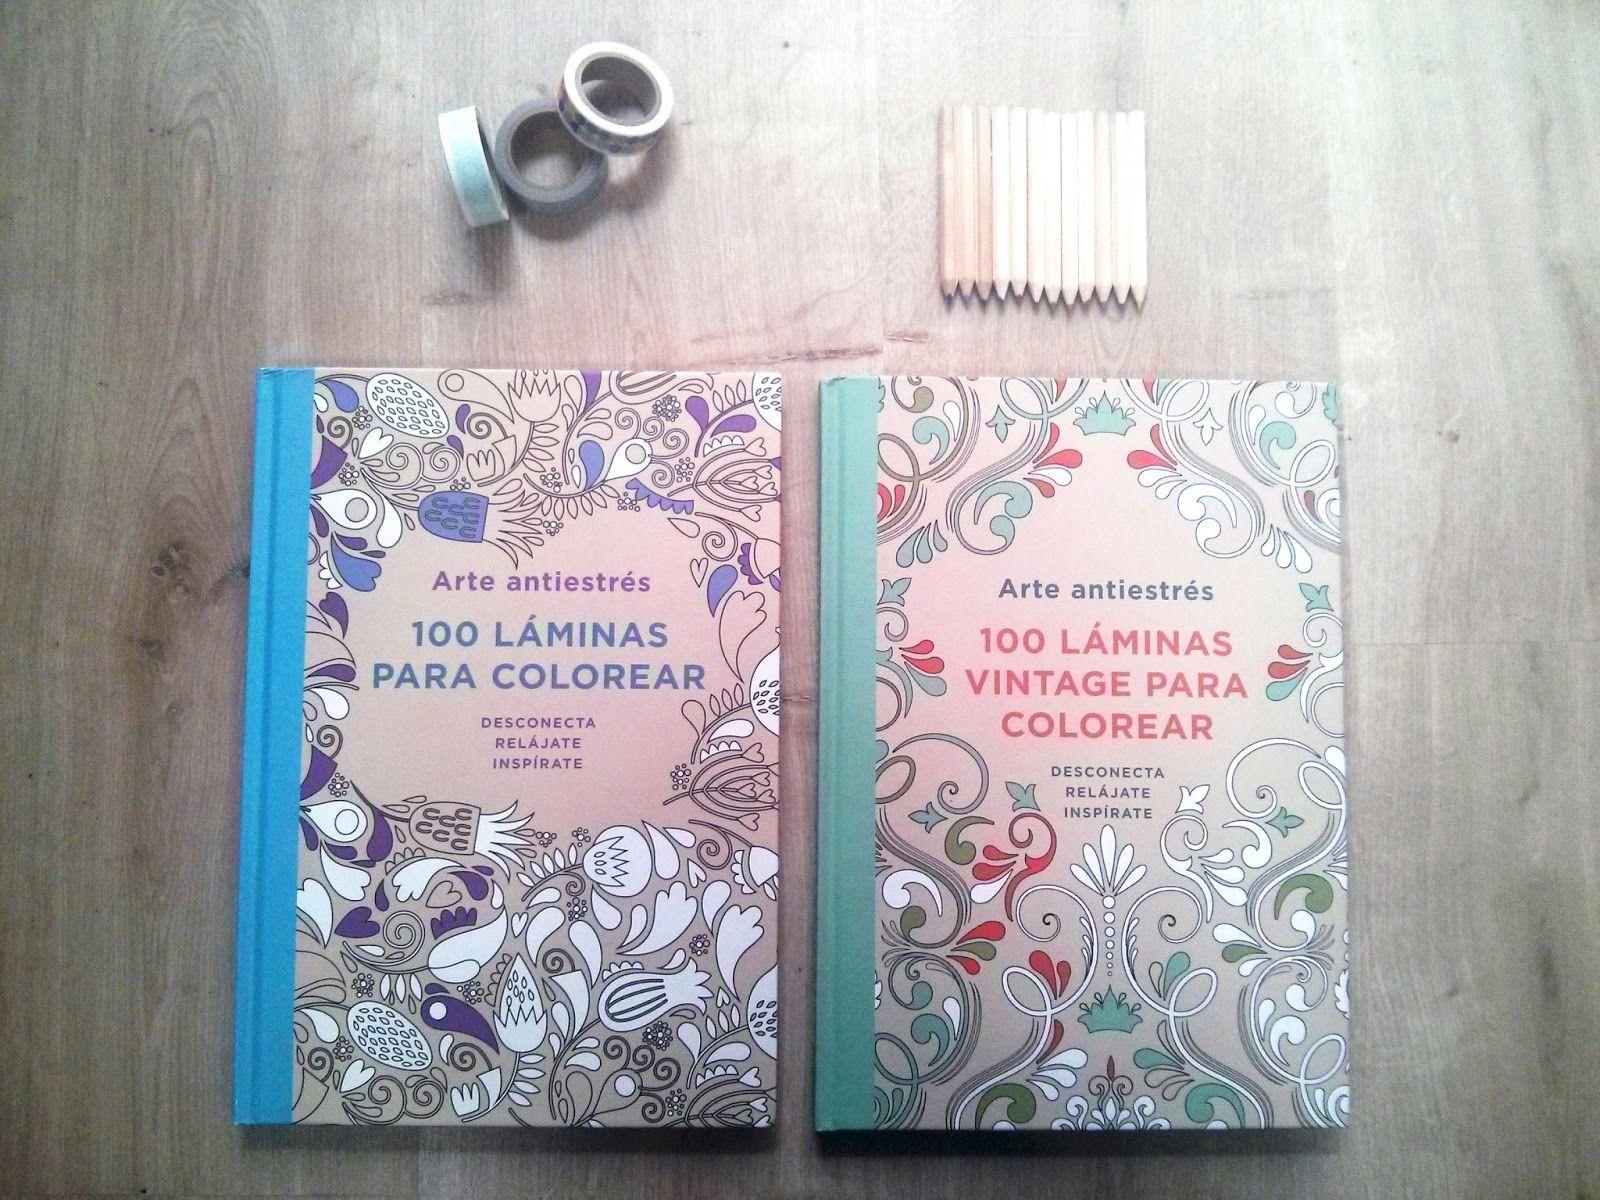 Convierte tu estrés en arte con los libros de arte antiestrés > sorteo en el blog < http://bit.ly/1zdi91x